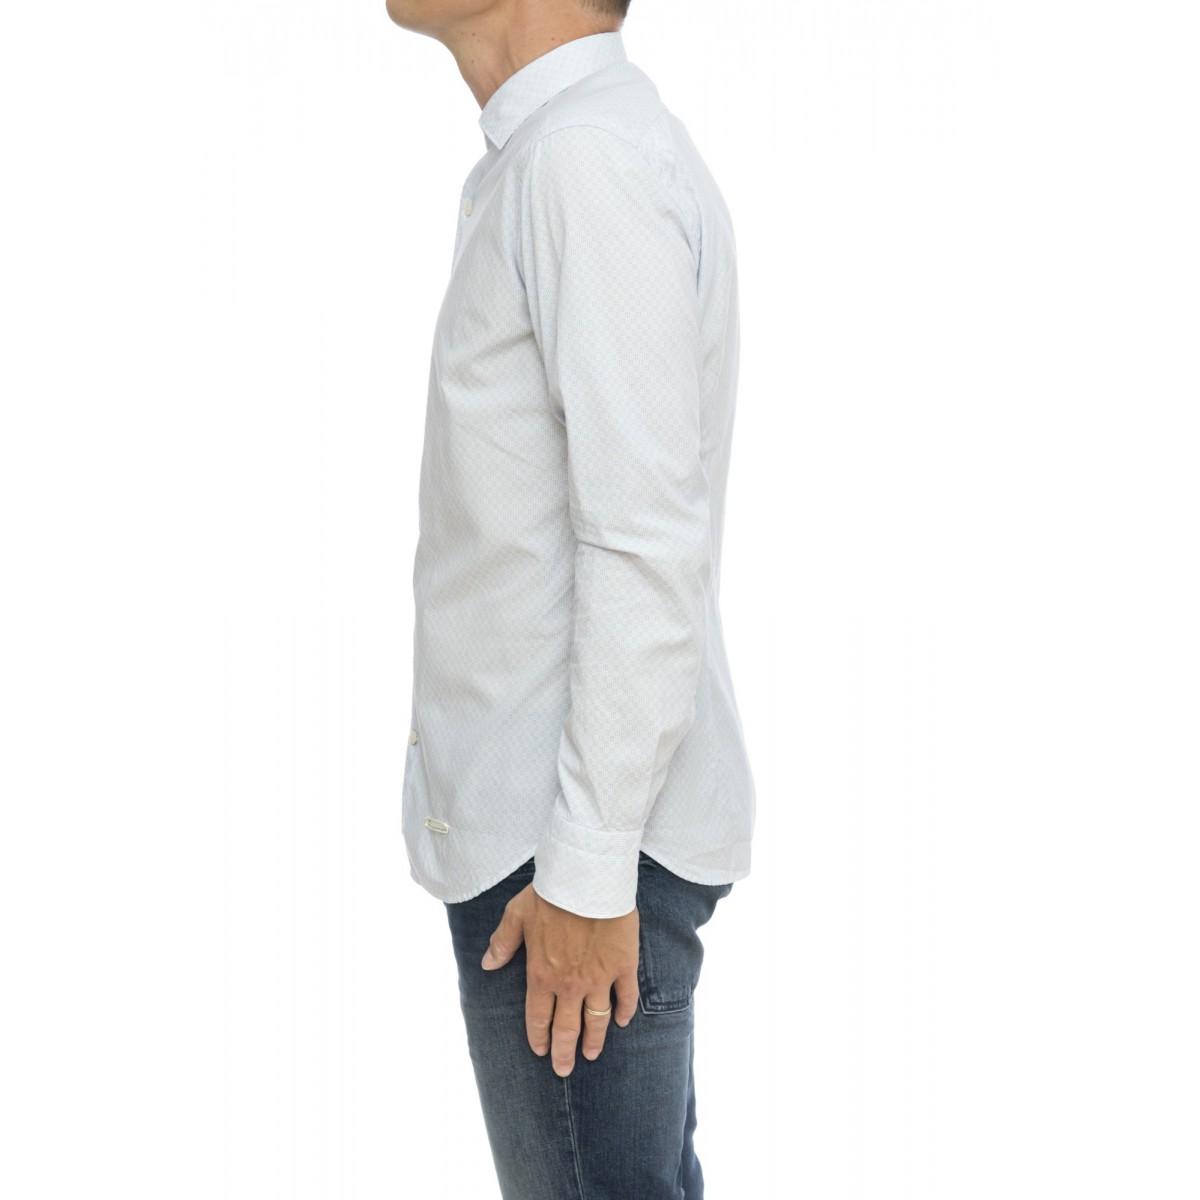 Camicia uomo - Uy7 njw camicia slim